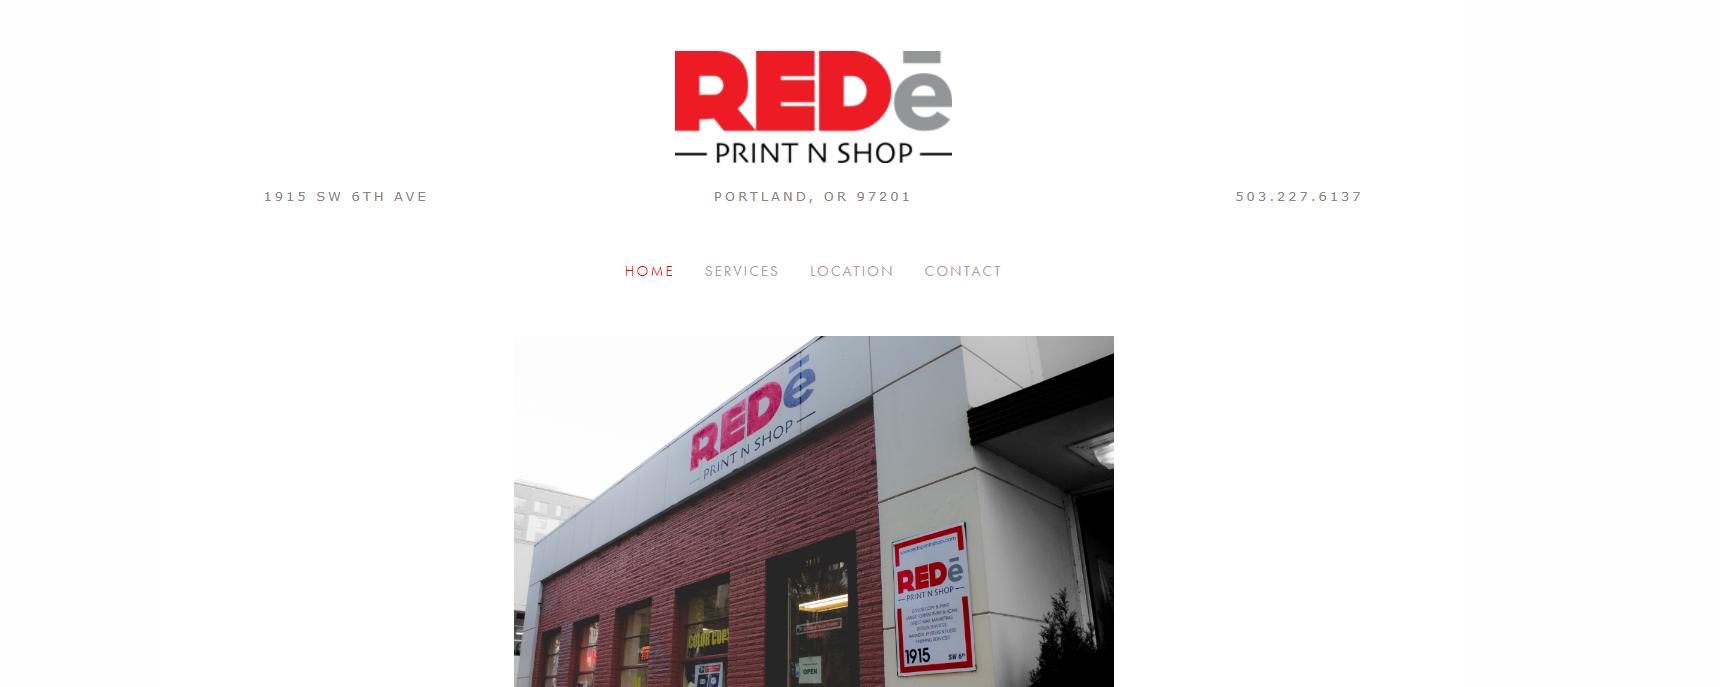 REDe Print n Shop